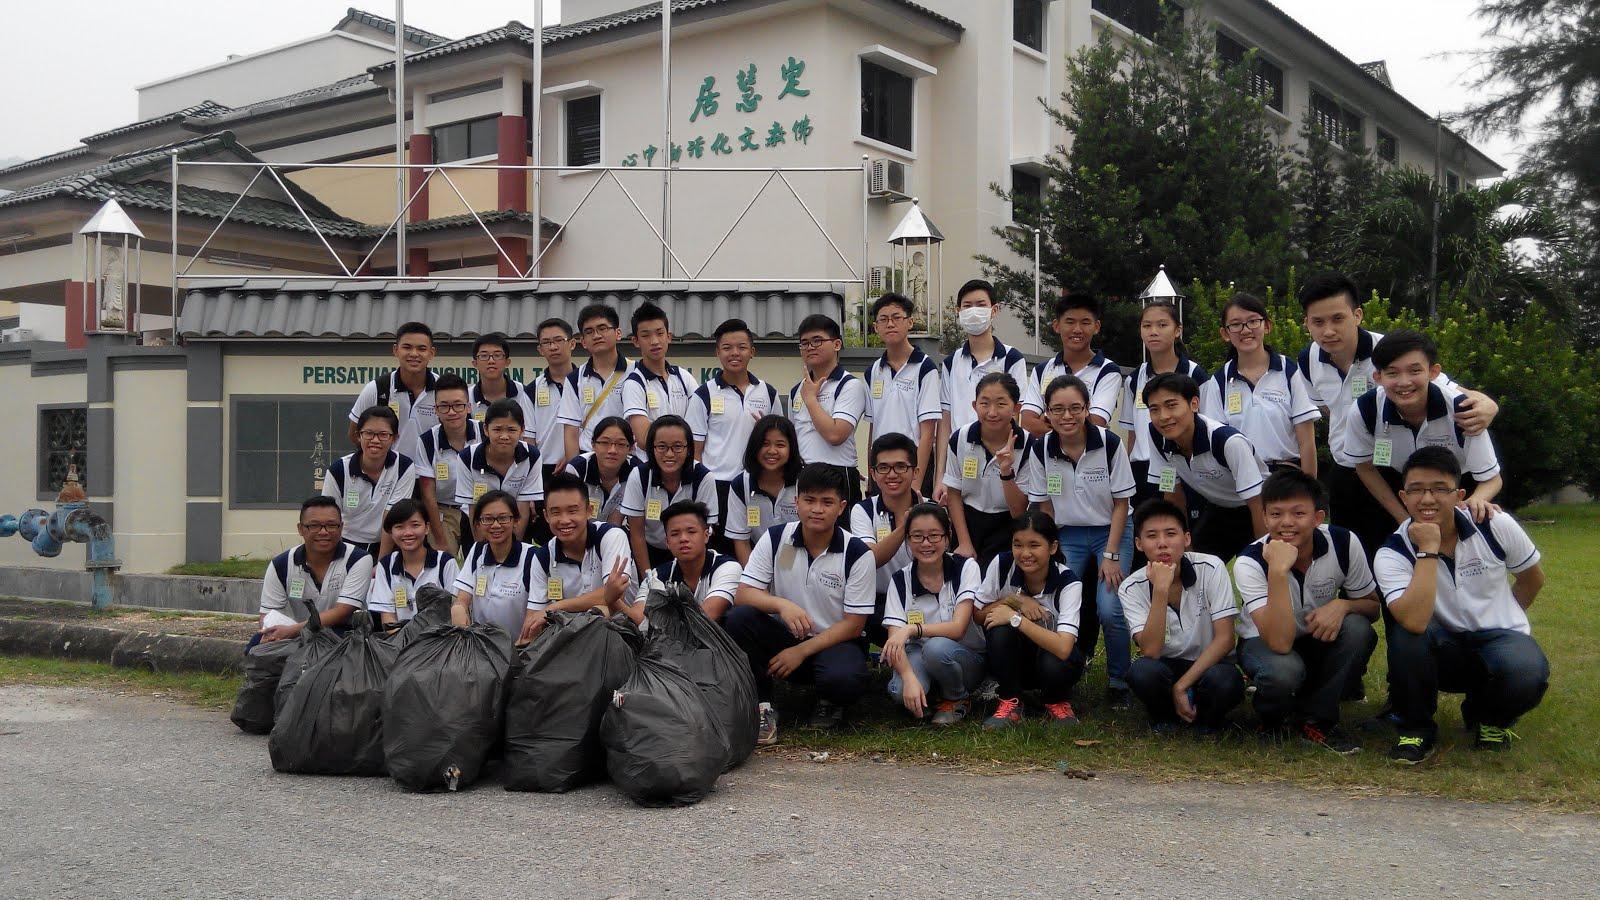 卓越青年社区服务-安邦新村捡垃圾2015